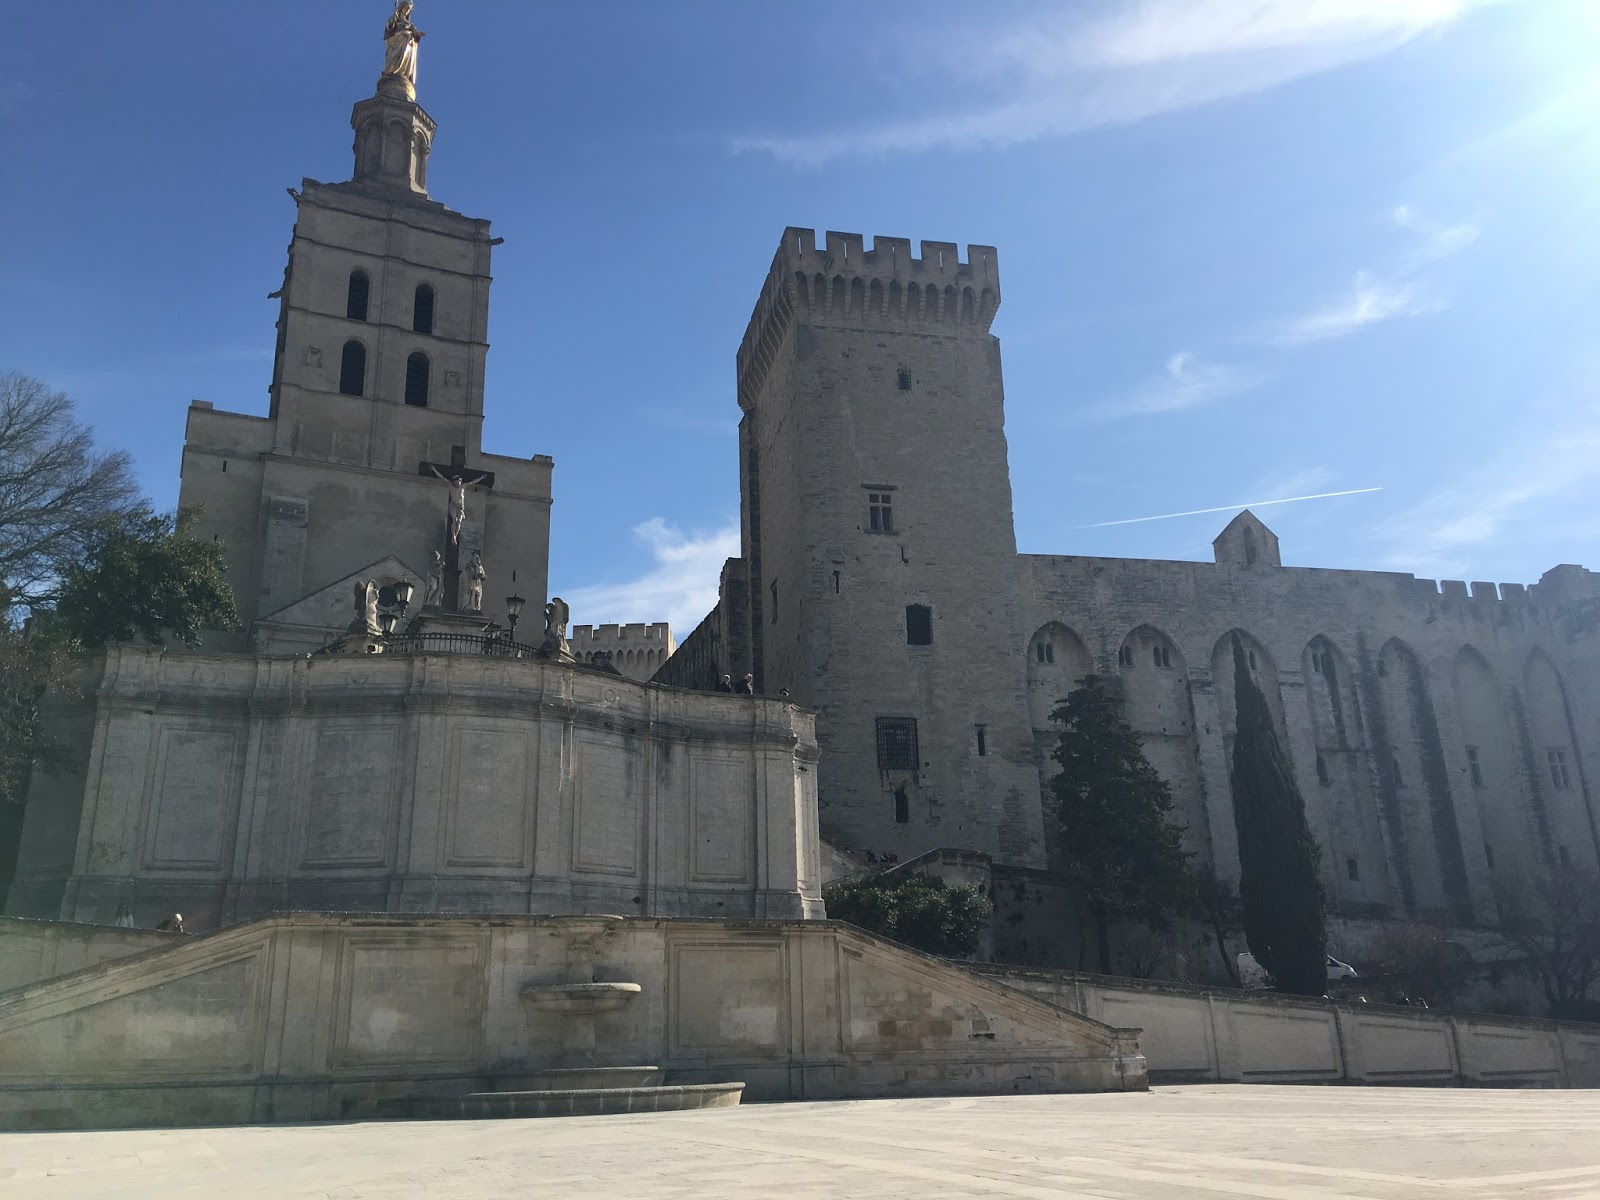 Travel: Un tour de la France en Cinq jours - Part 3: Avignon | Hollie In Wanderlust